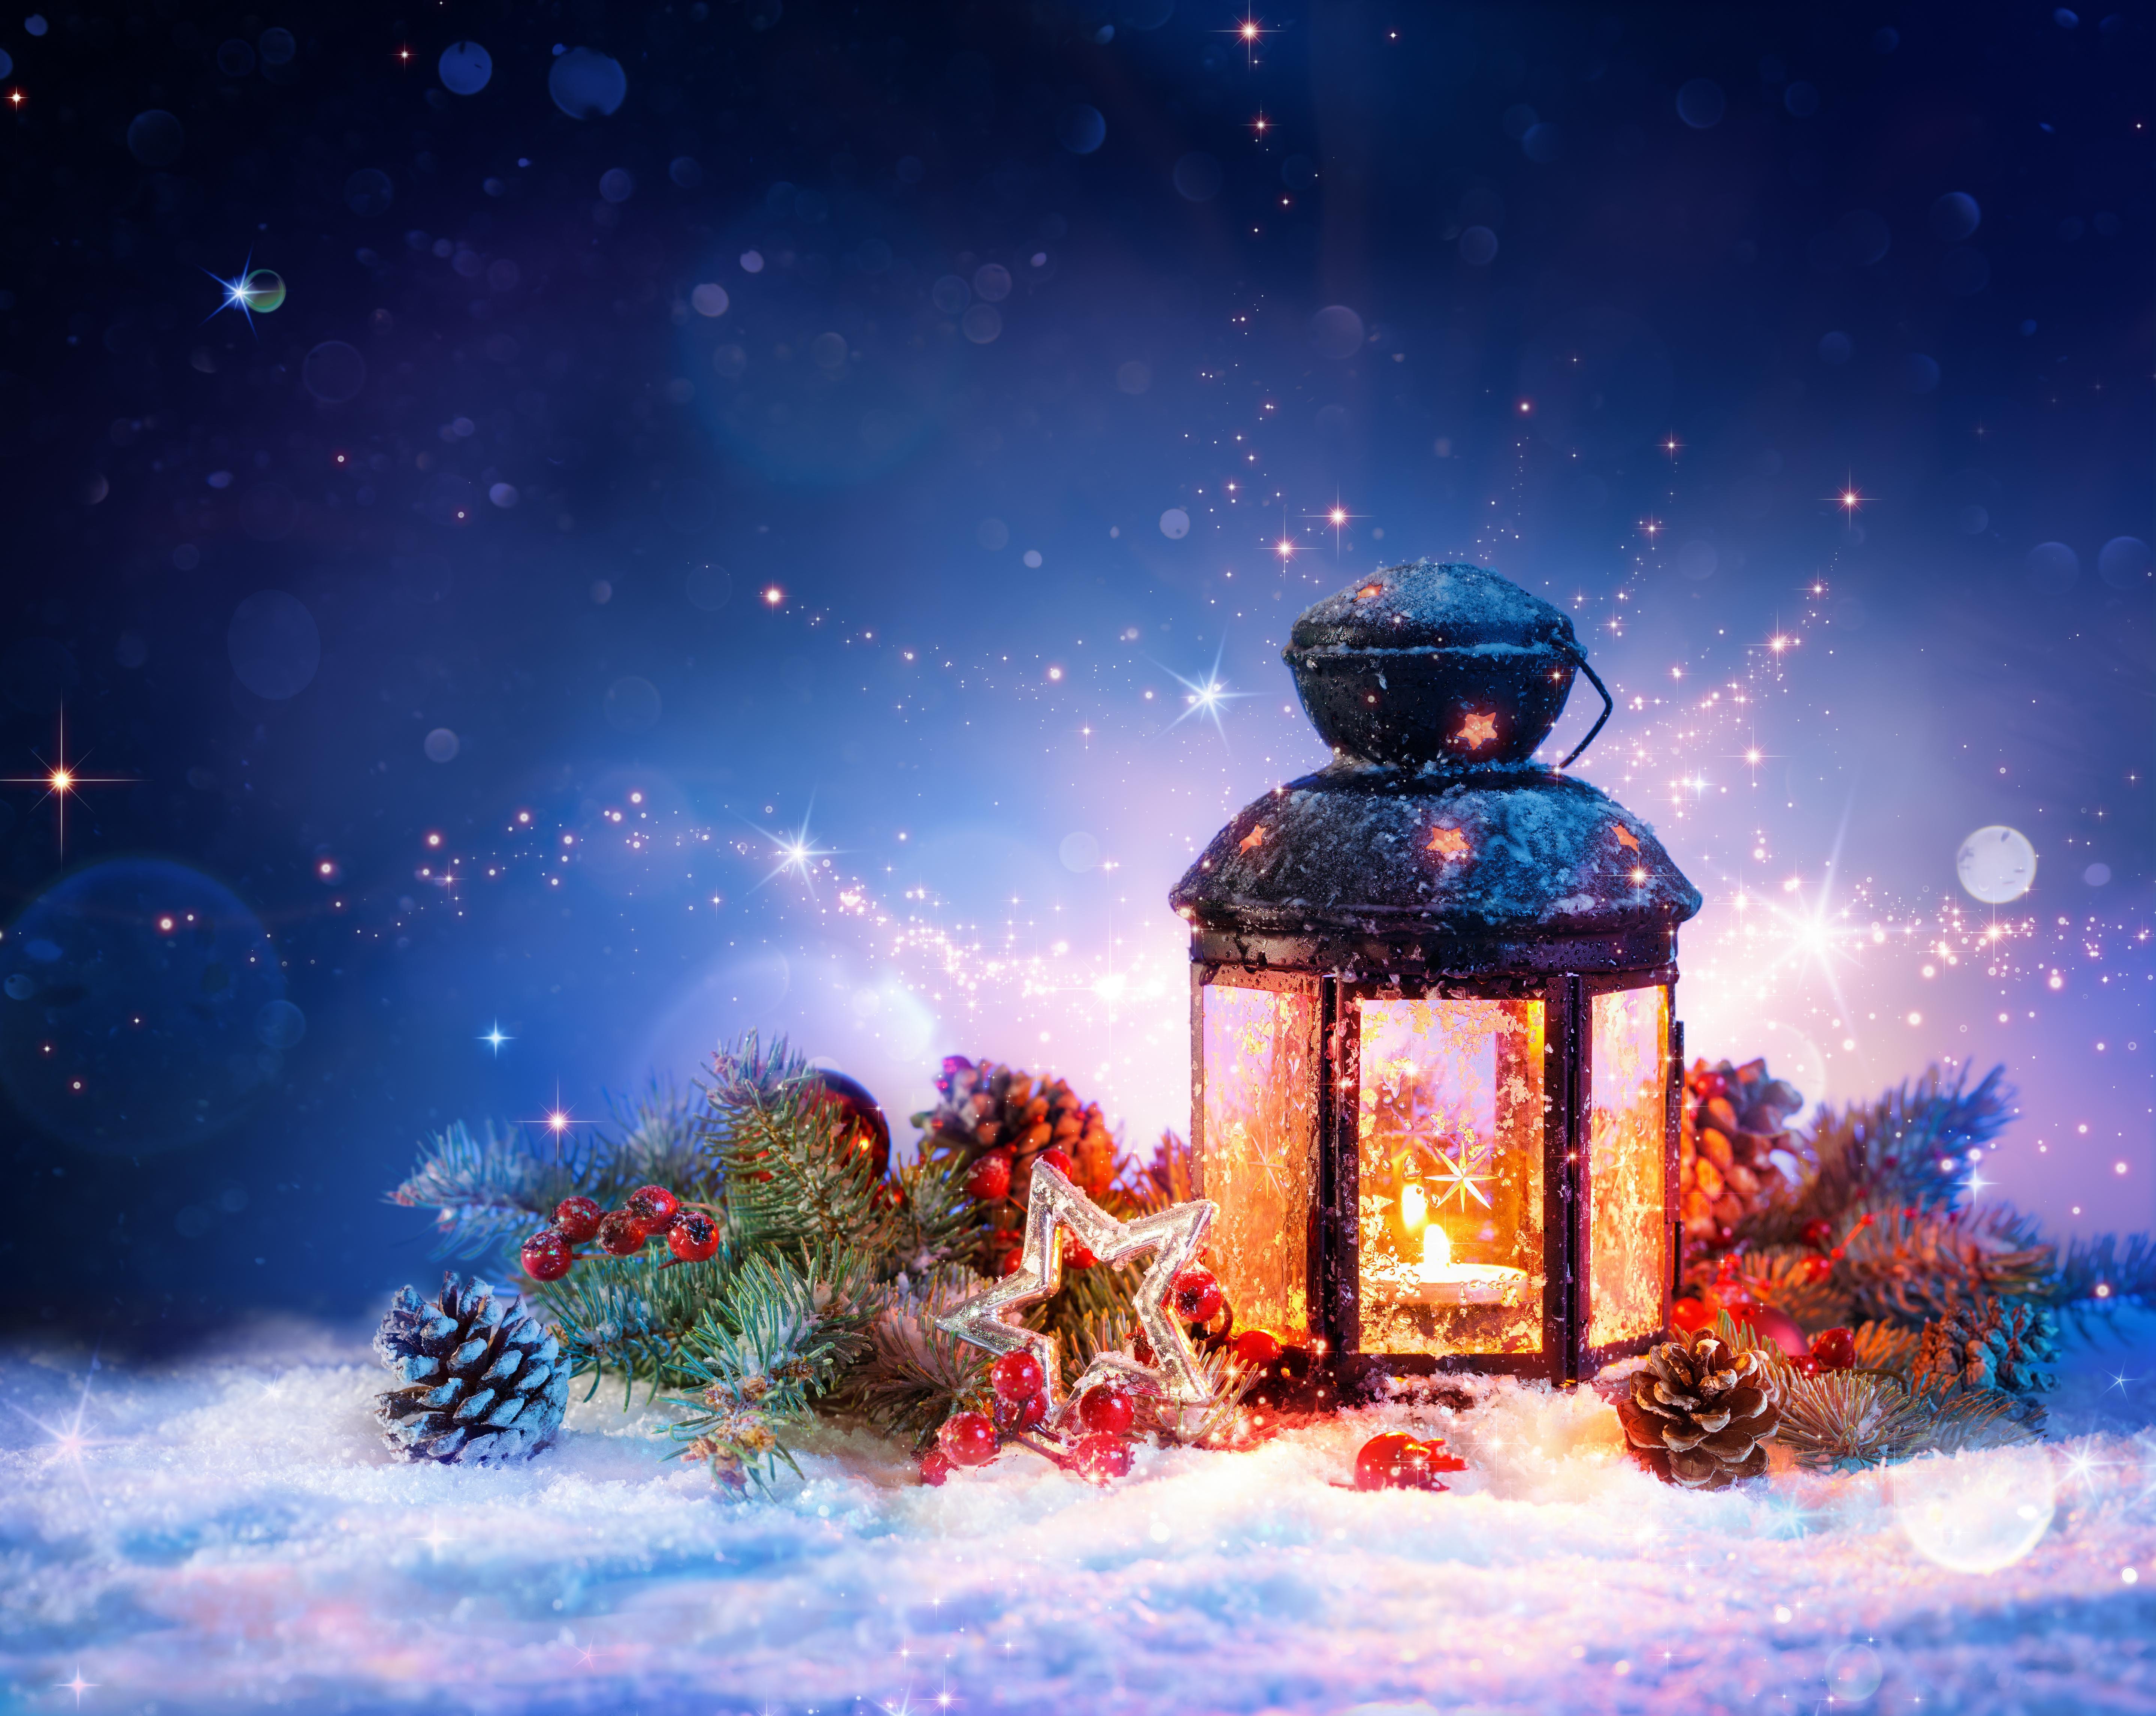 обои новый год, новогодние обои, лампа, снег картинки фото